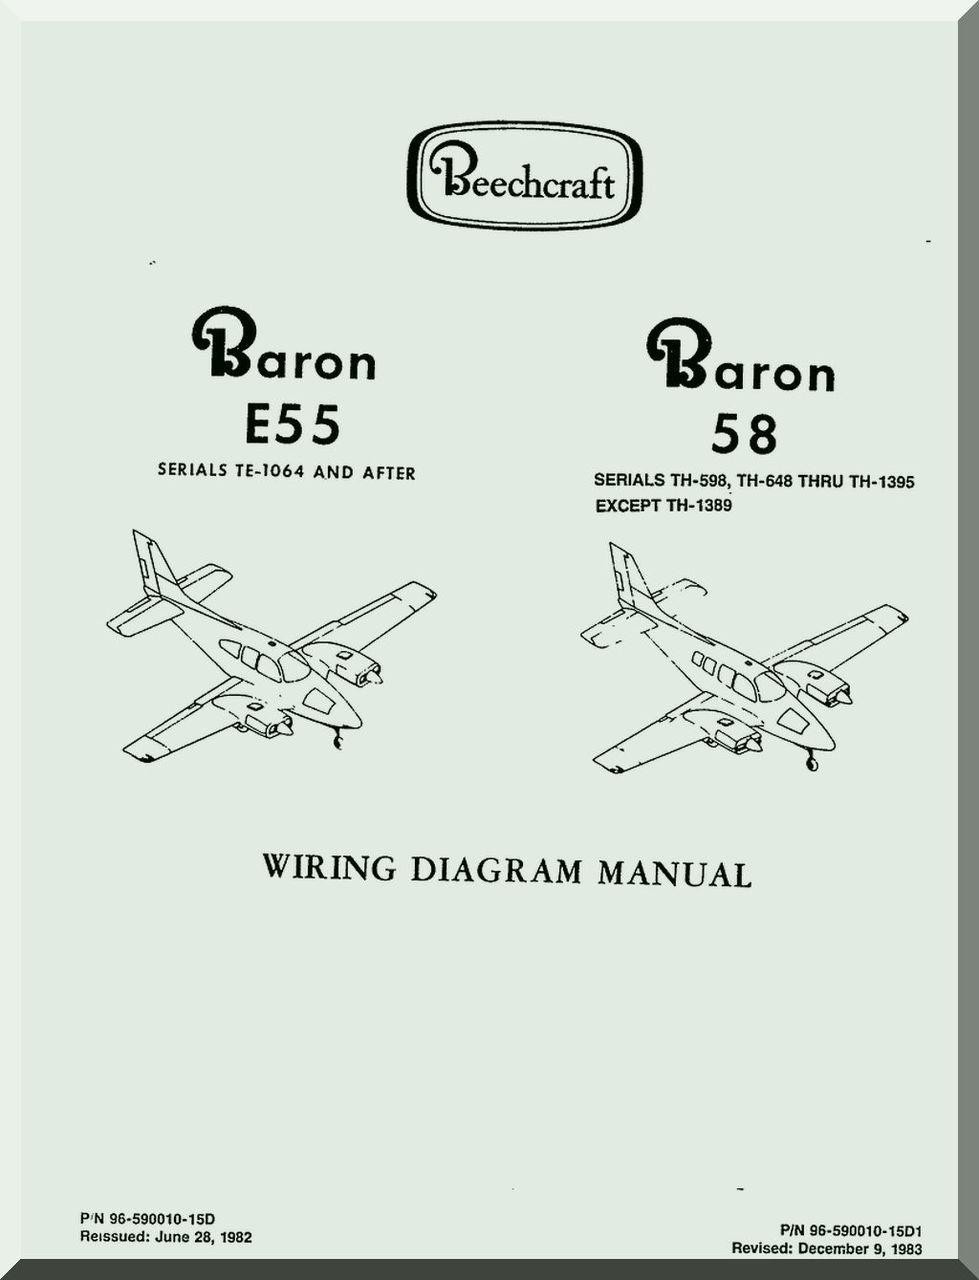 aircraft wiring diagram manual price 14 85 image 1 [ 979 x 1280 Pixel ]